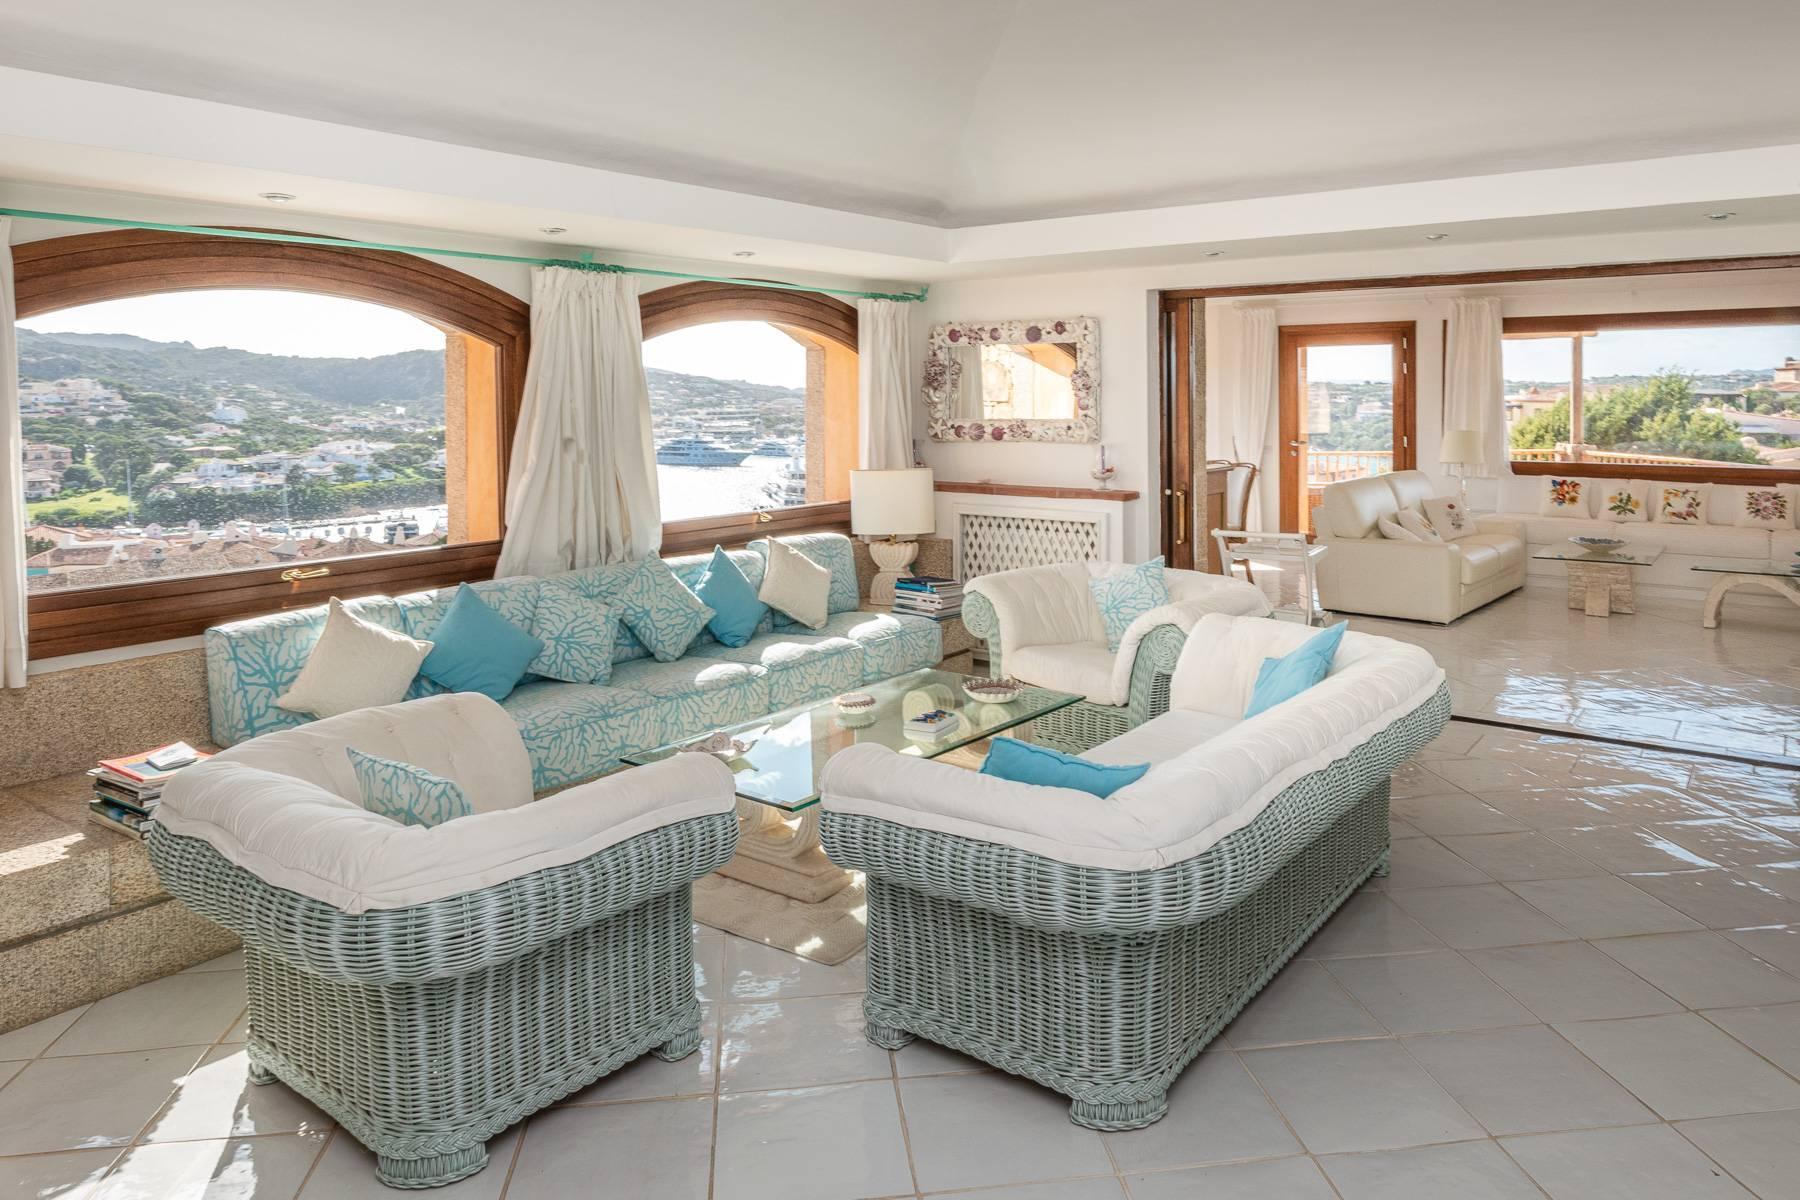 Importante villa indipendente con un impareggiabile panorama, nel cuore di Porto Cervo. - 7